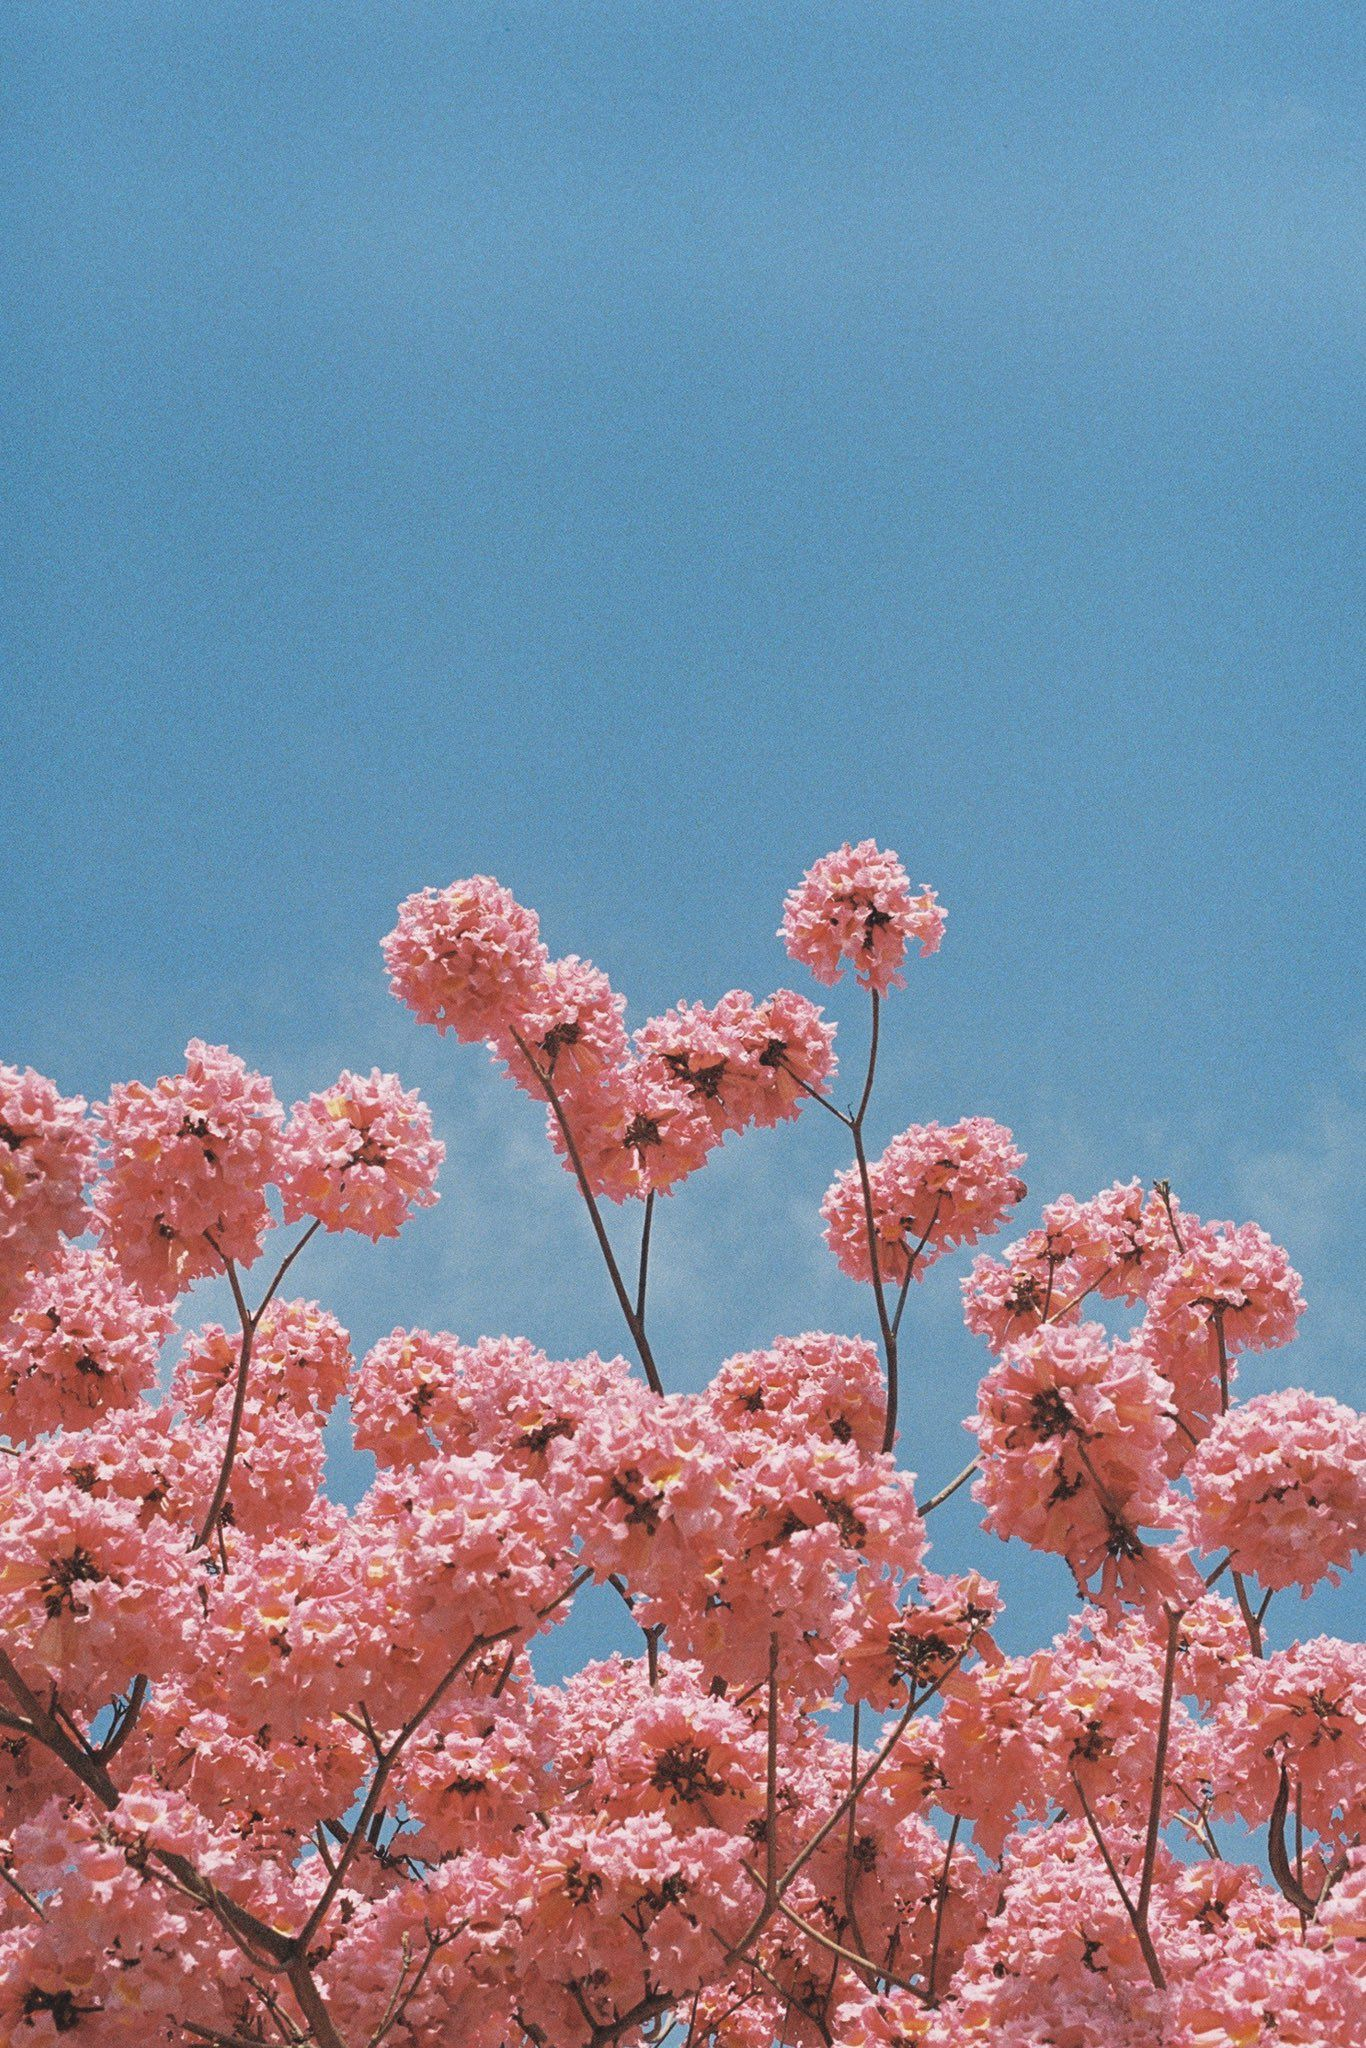 Brandon Woelfel On Twitter Pink Flowers Wallpaper Flower Iphone Wallpaper Flower Phone Wallpaper Fantastic pastel flower wallpaper